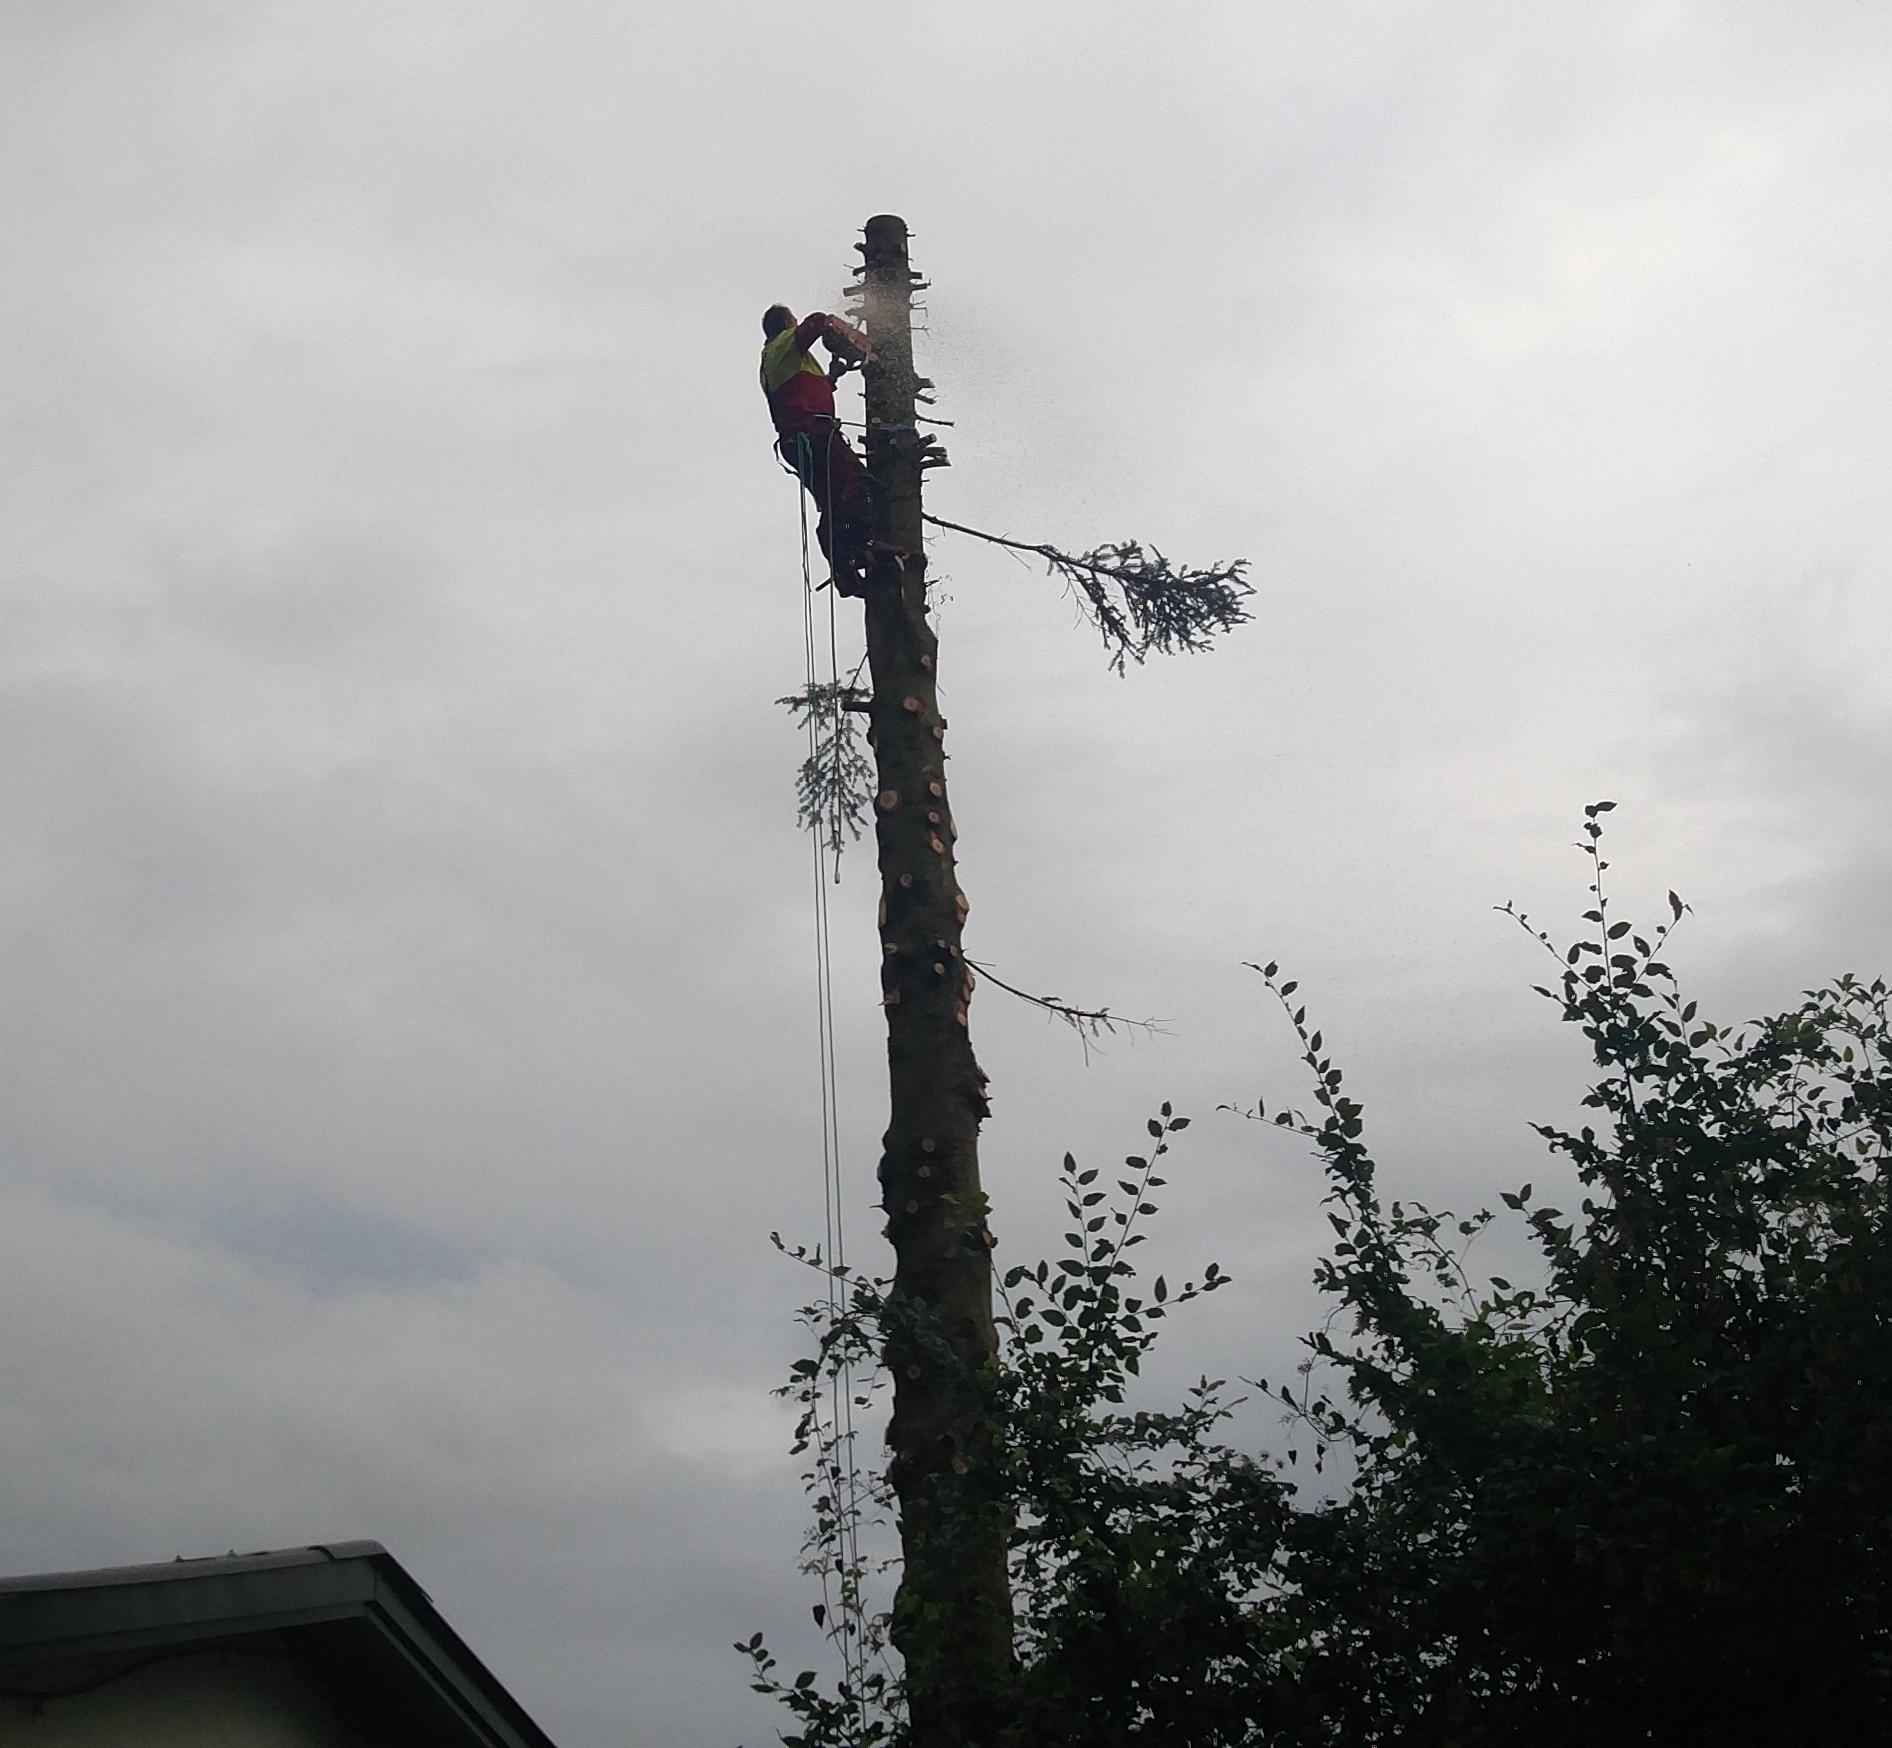 Bevorzugt Problembaumfällung Baum fällen | Wurzelstock fräsen Gartenarbeit TY18